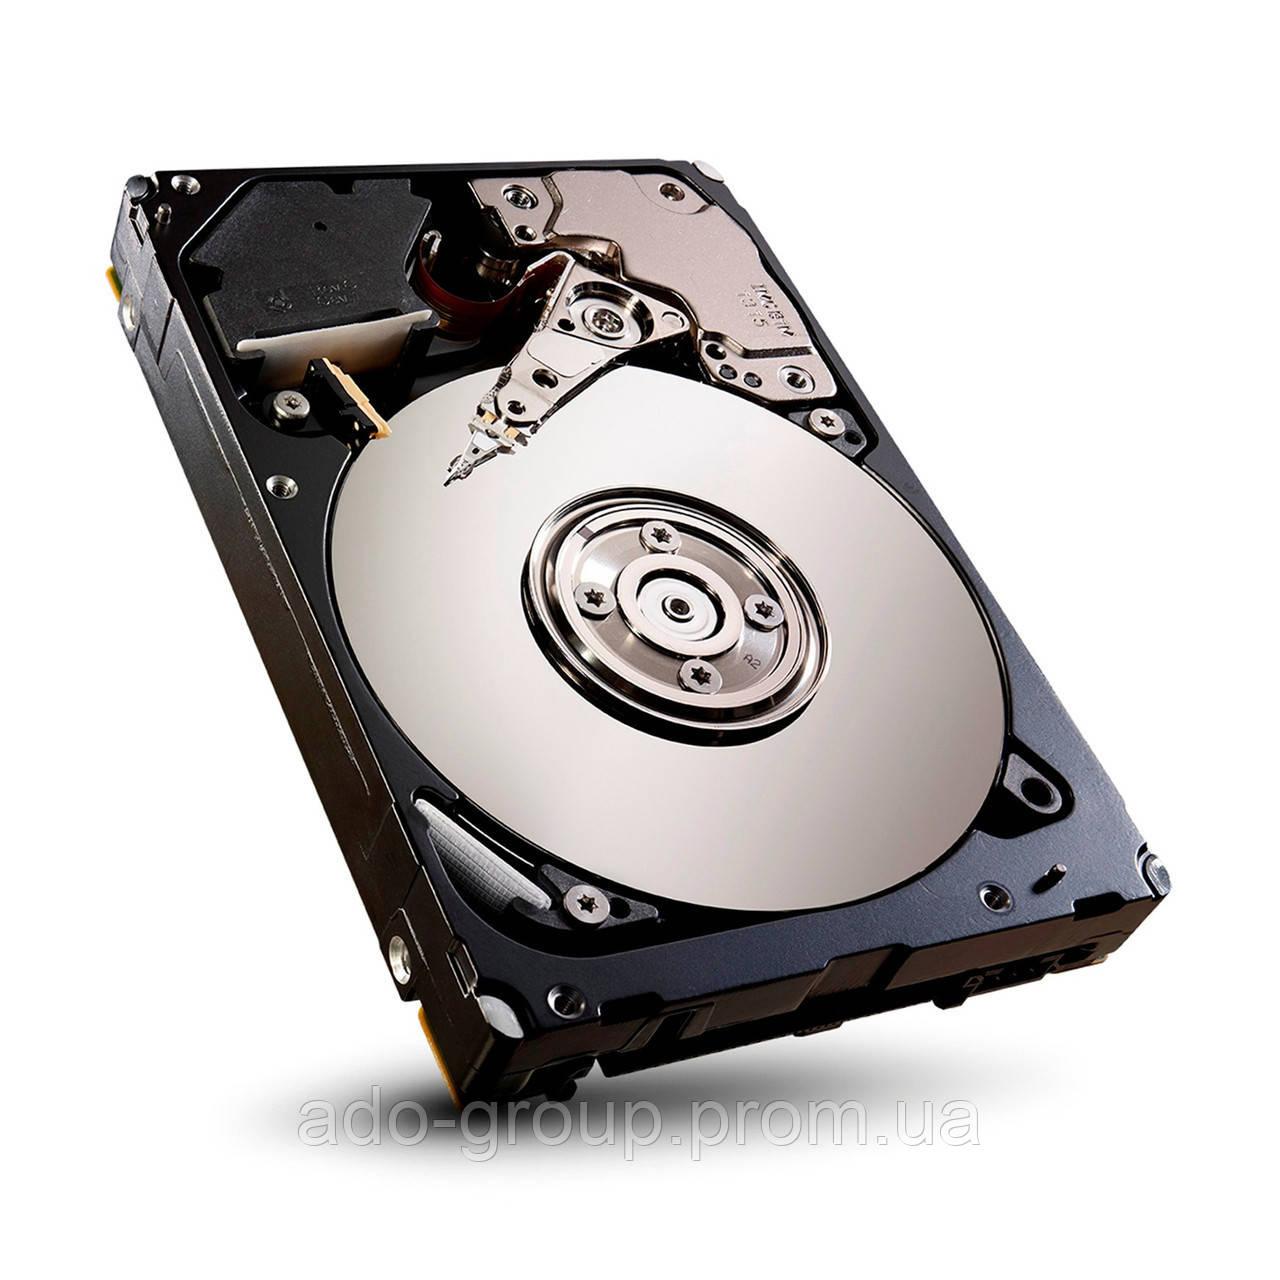 """785069-S21 Жесткий диск HP 900GB SAS 10K  2.5"""" +"""